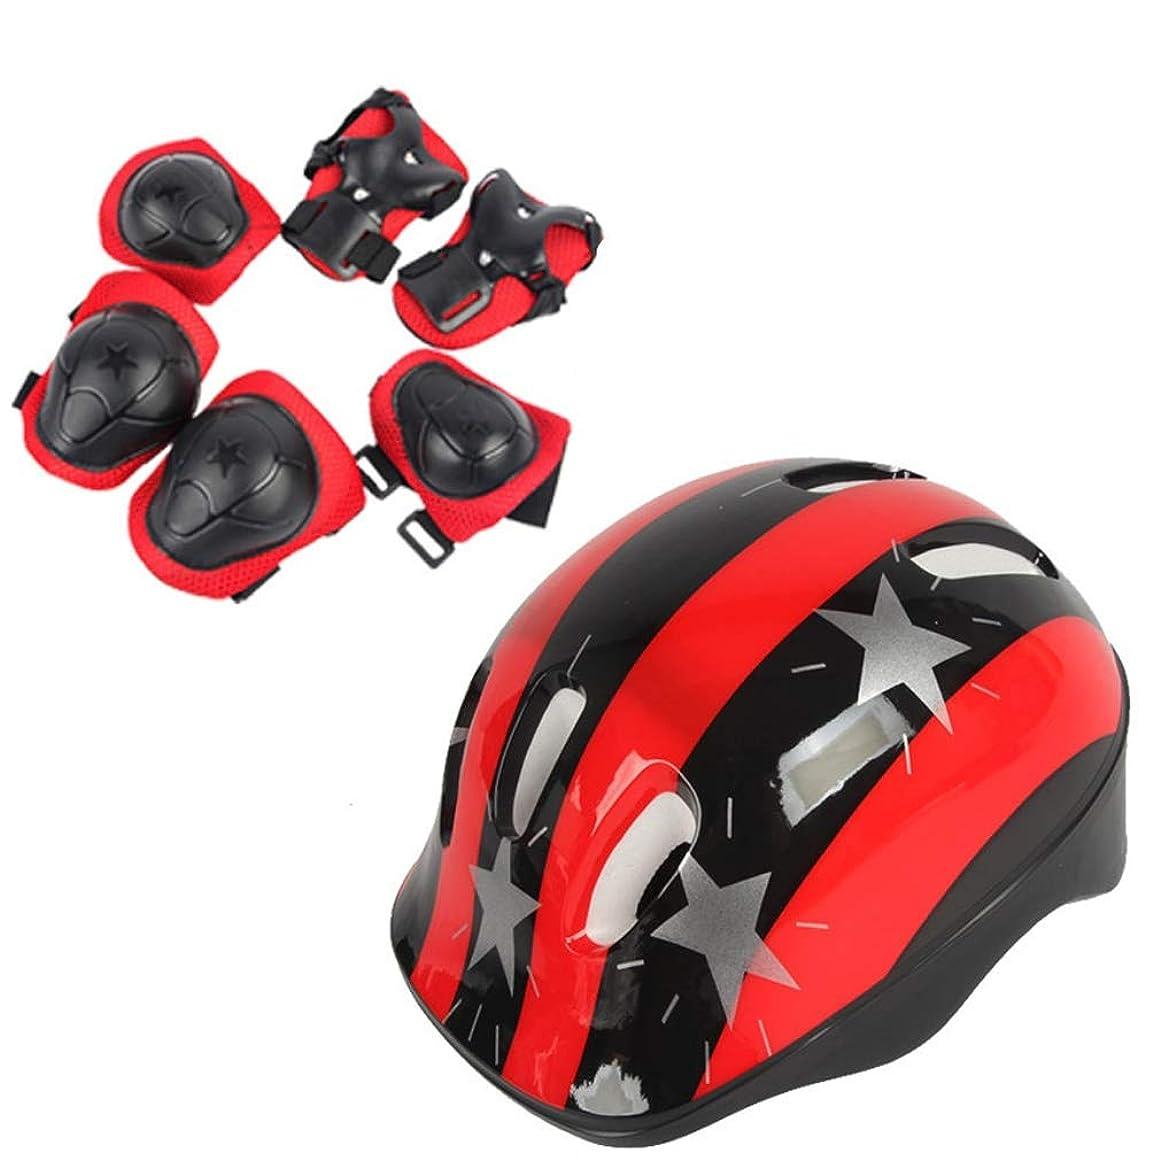 意義状況聴衆子供の7つの小品アウトドアスポーツの保護ギヤセット、ローラースケートスケートボードBMXスクーターサイクリング保護具パッド(膝パッド+肘パッド+手首パッド+ヘルメット) ユニセックスオールラウンドサイクリングヘルメット